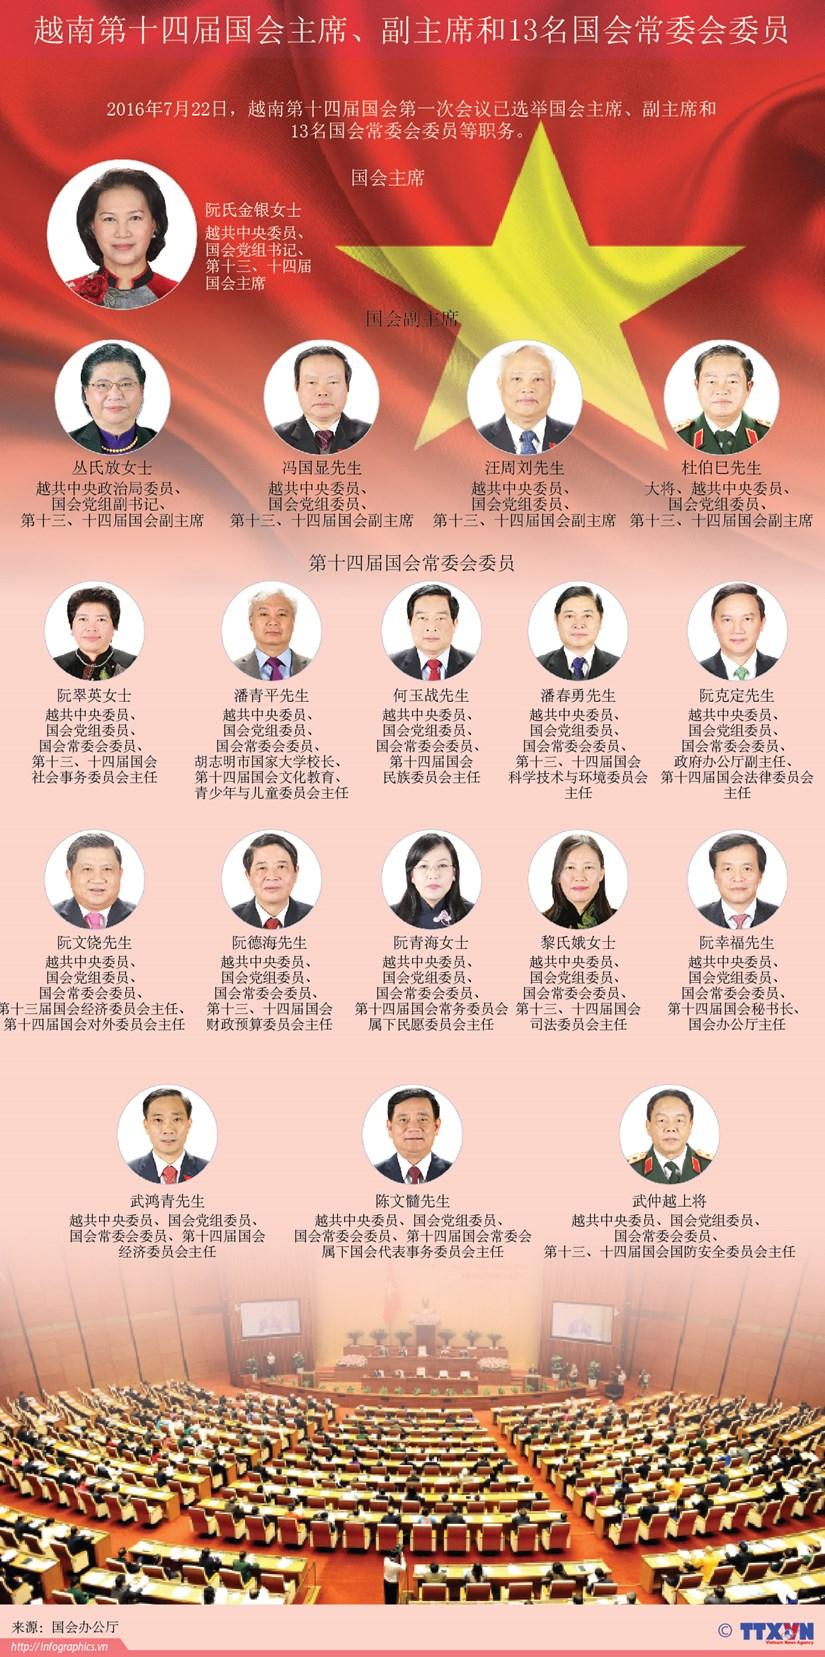 越南第十四届国会主席、副主席和13名国会常委会委员 hinh anh 1